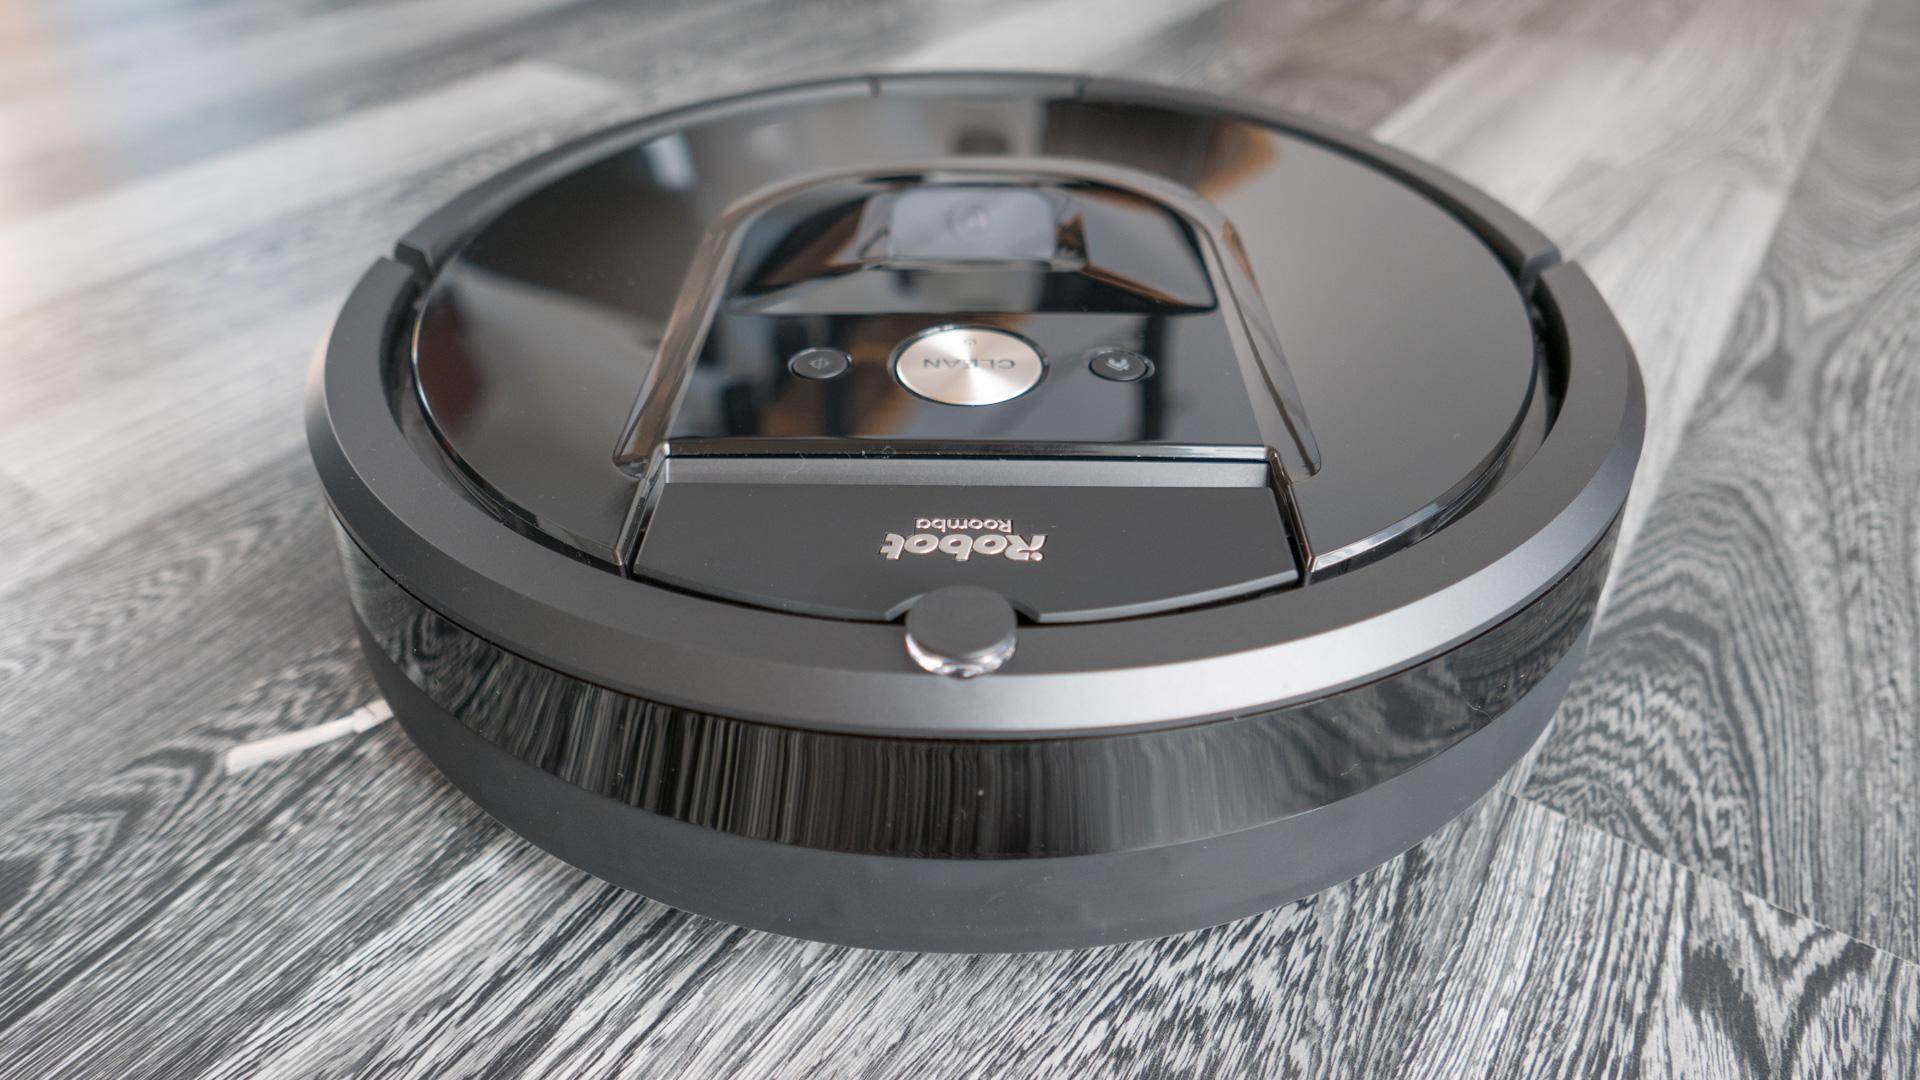 iRobot Roomba 980 Details 12